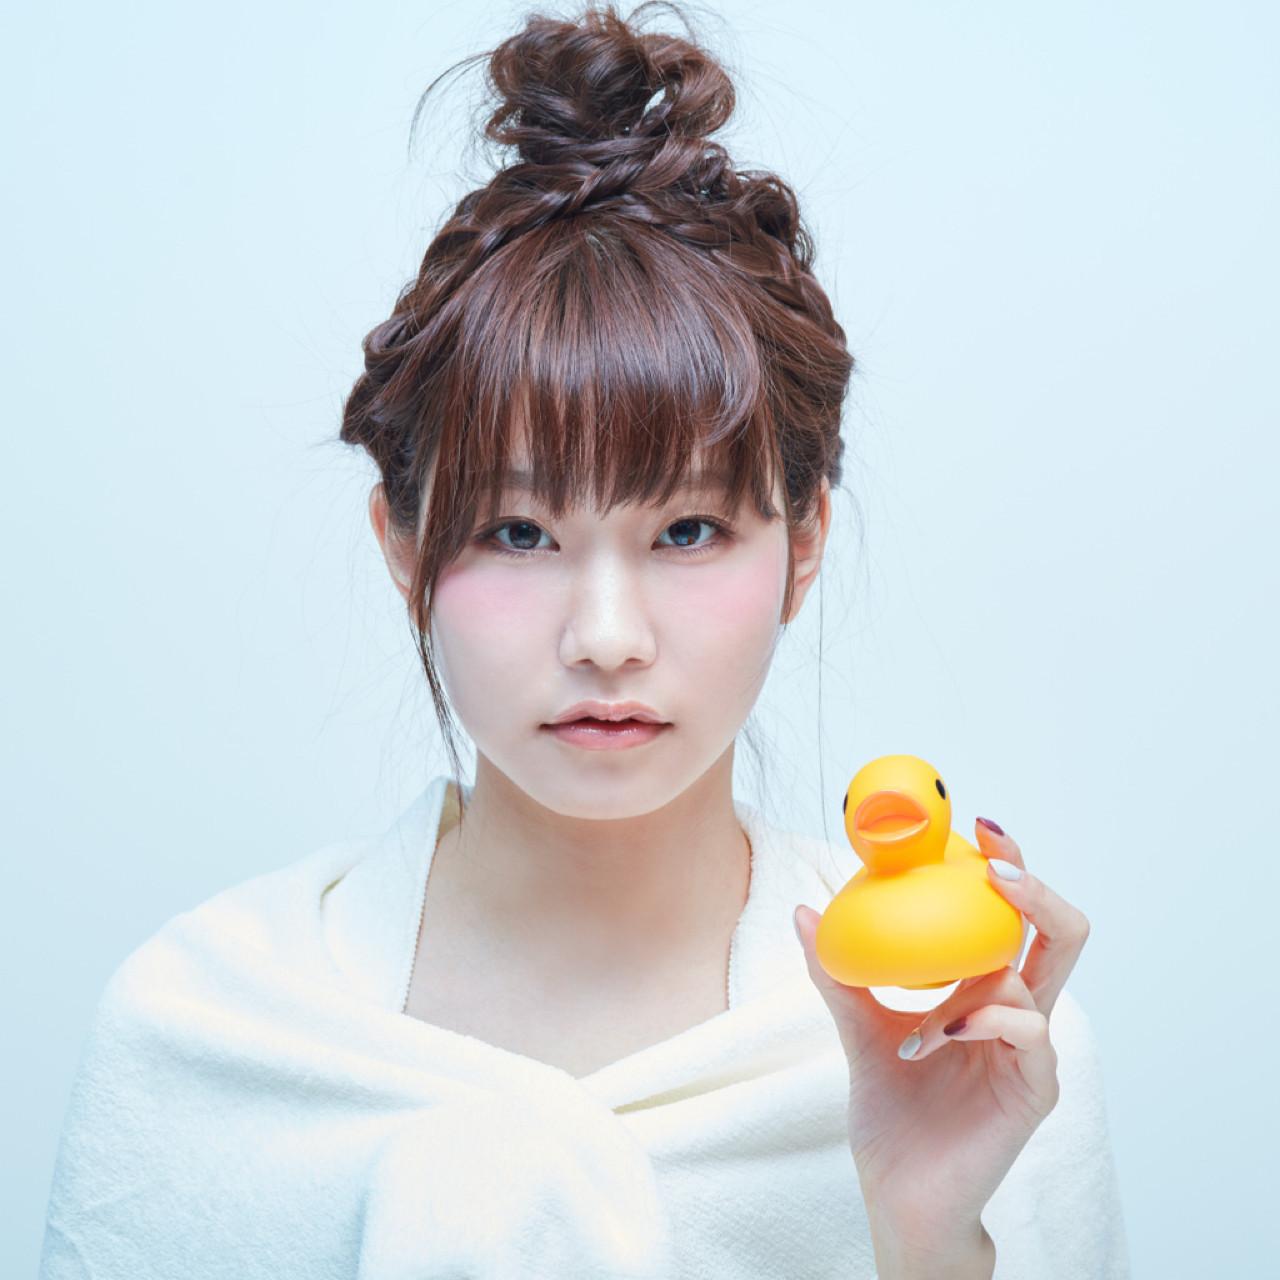 セミロング ガーリー 簡単ヘアアレンジ ショート ヘアスタイルや髪型の写真・画像